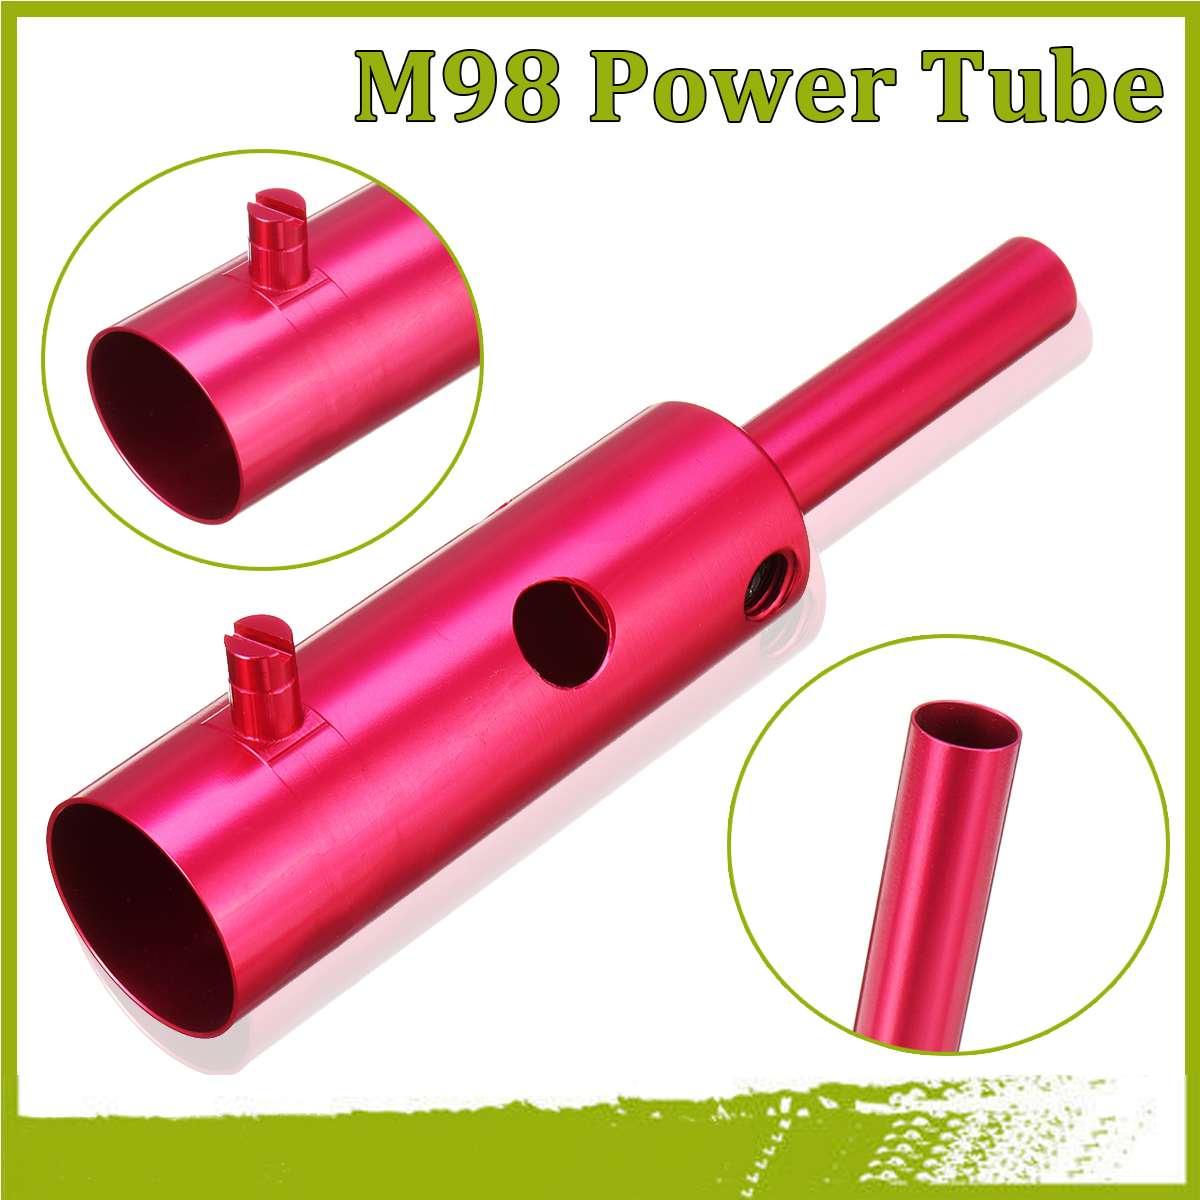 Aluminum Alloy Power Tube Powertube Upgrade Part For Tippmann M98 Model 98